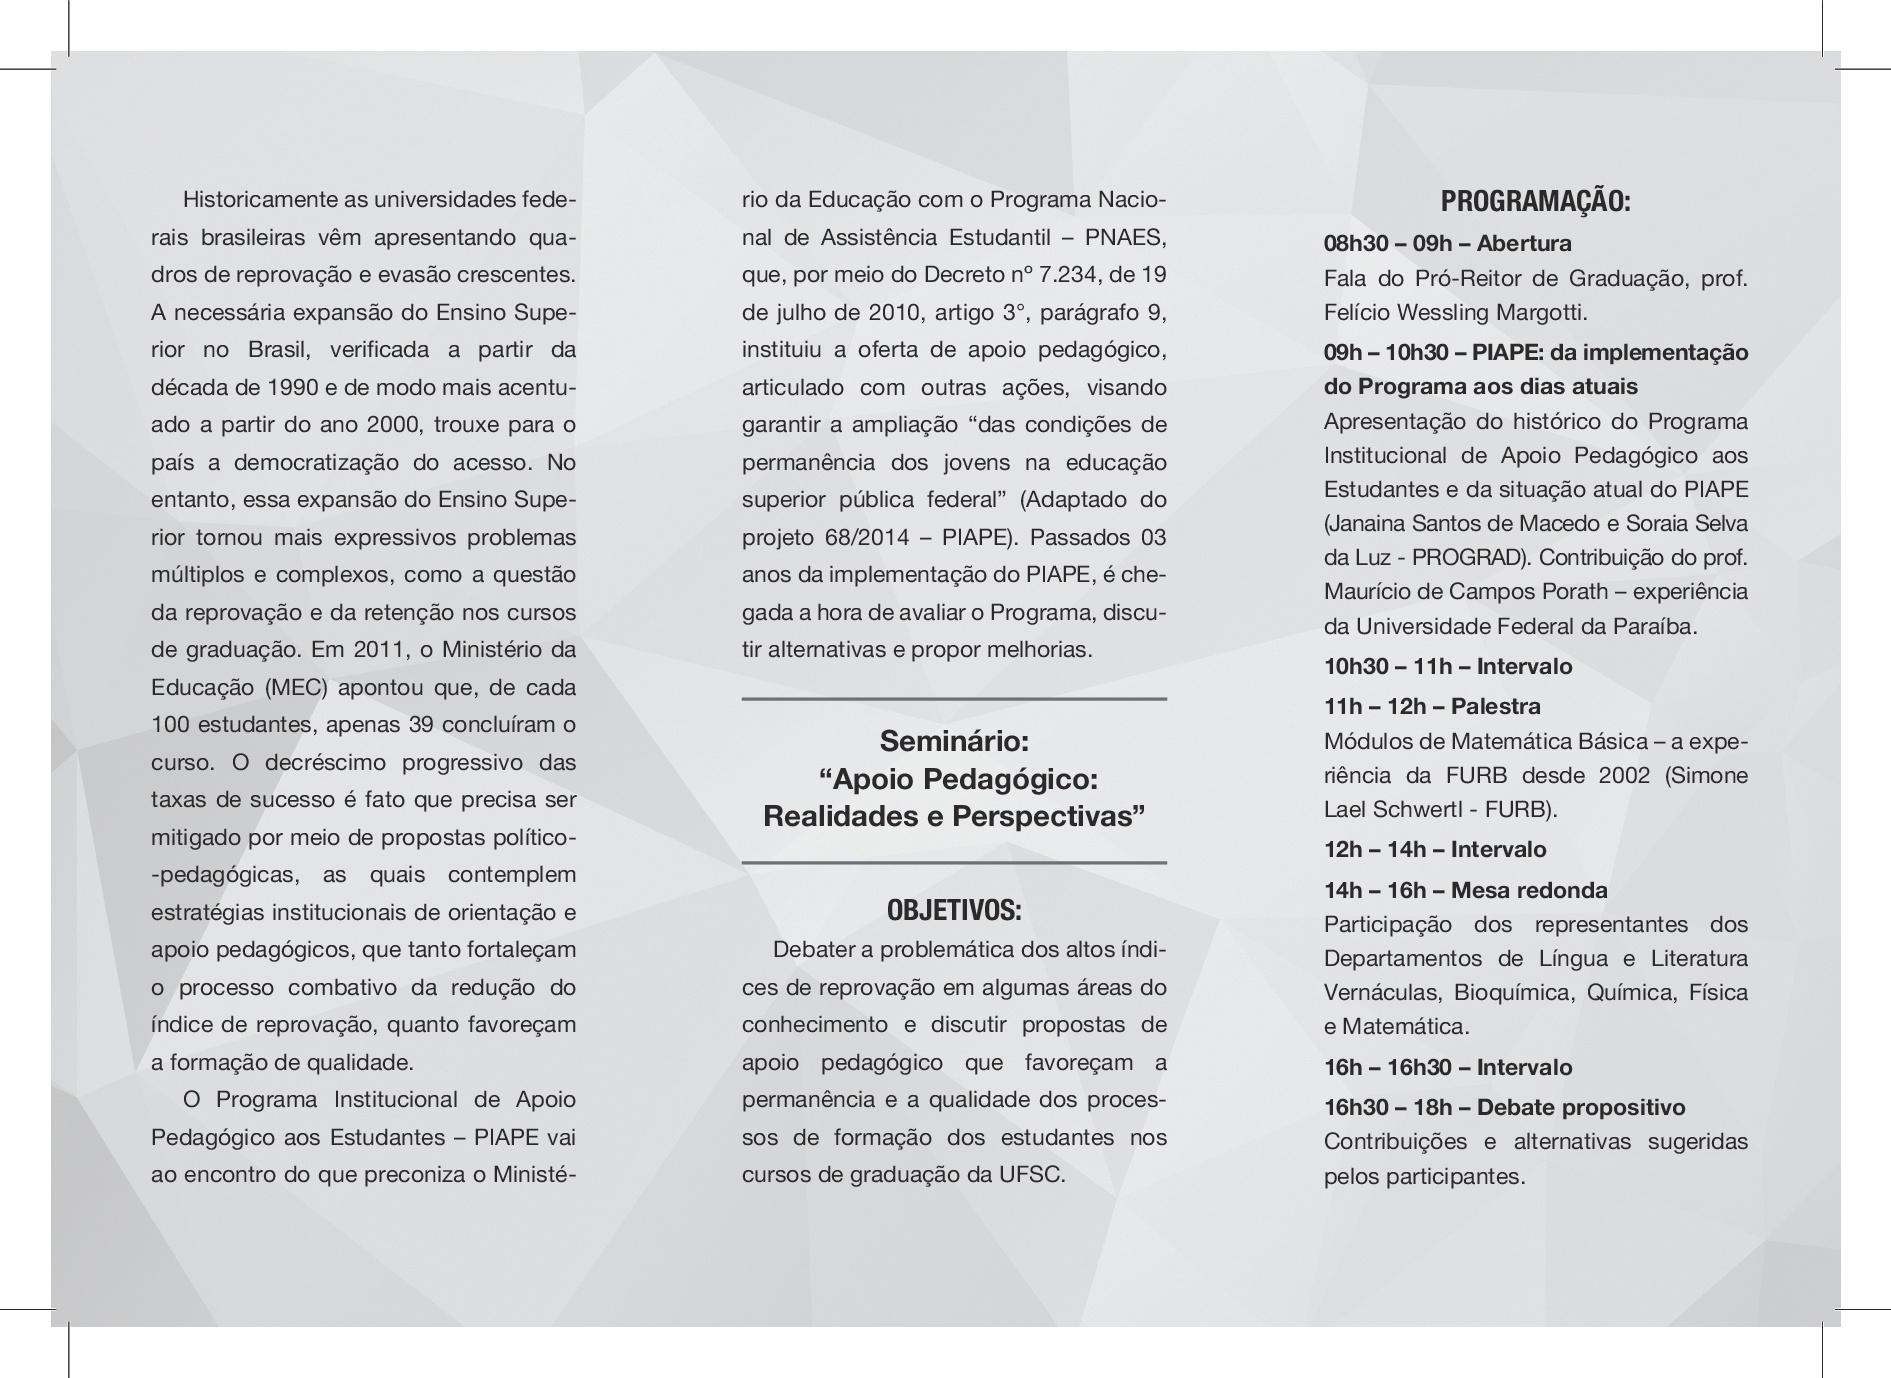 Folder_seminyArio_apoio_pedagygico-2